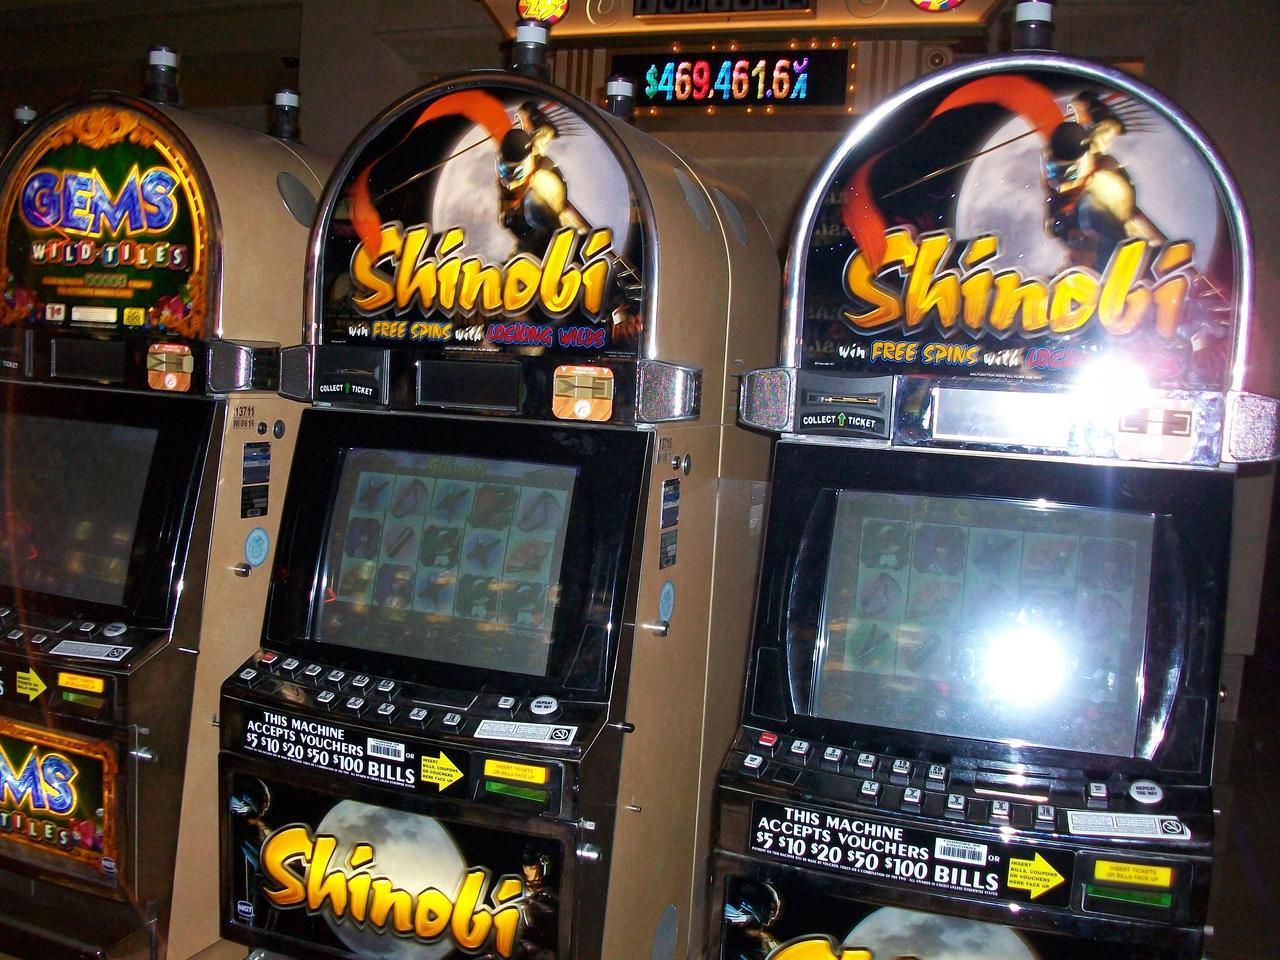 Texas tea slot machine las vegas